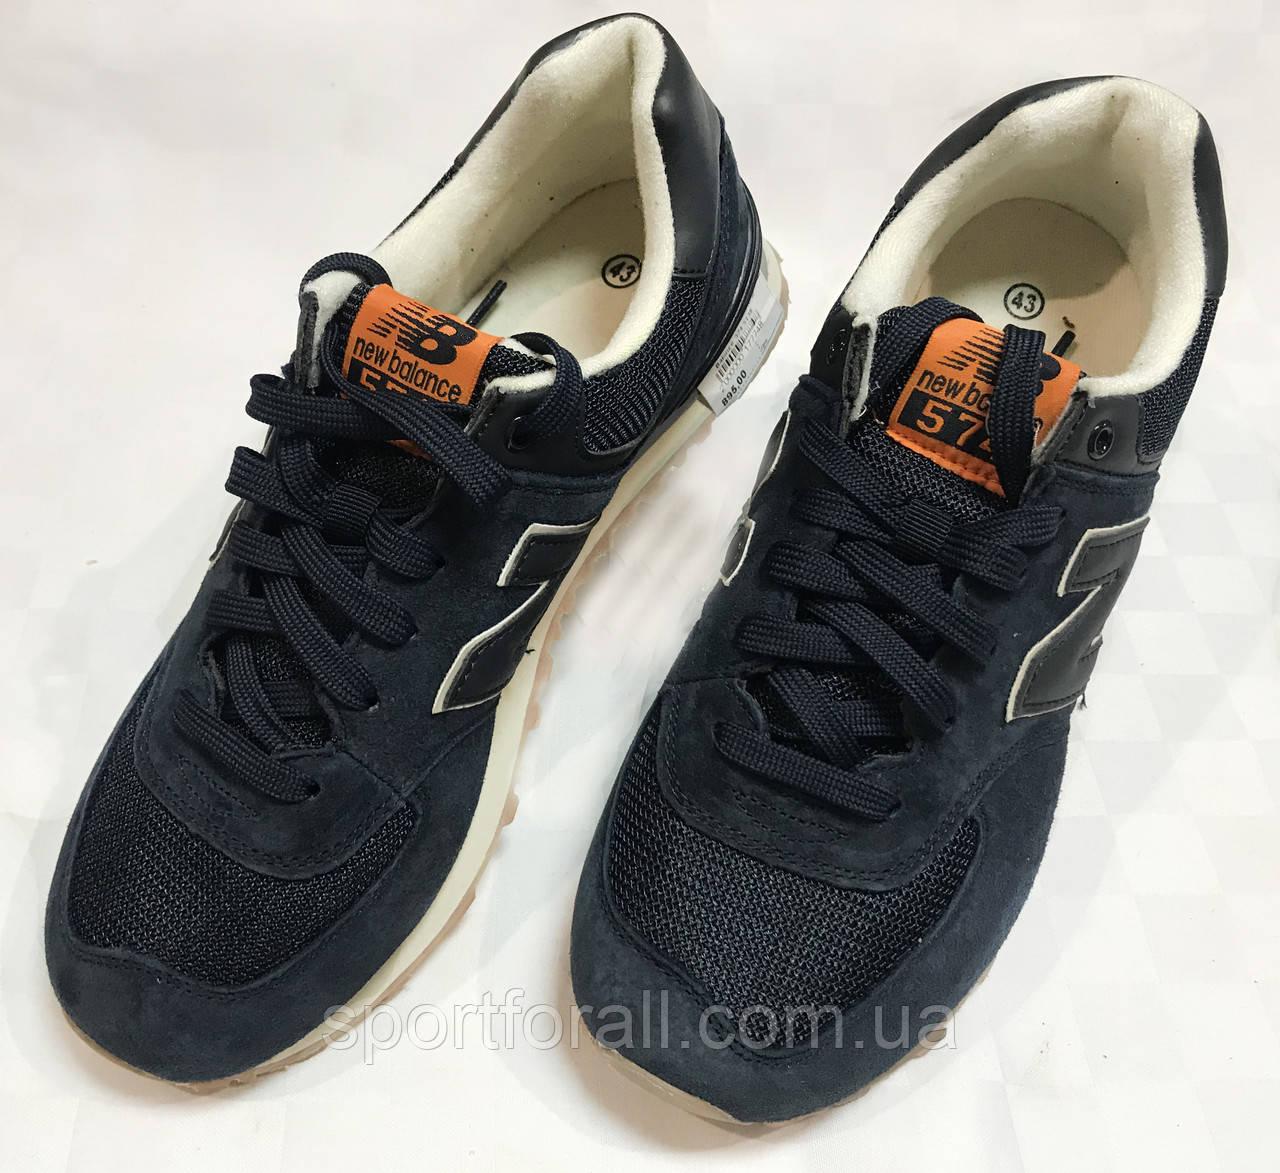 Мужские кроссовки New Balance 574 р.41-46 5138-4